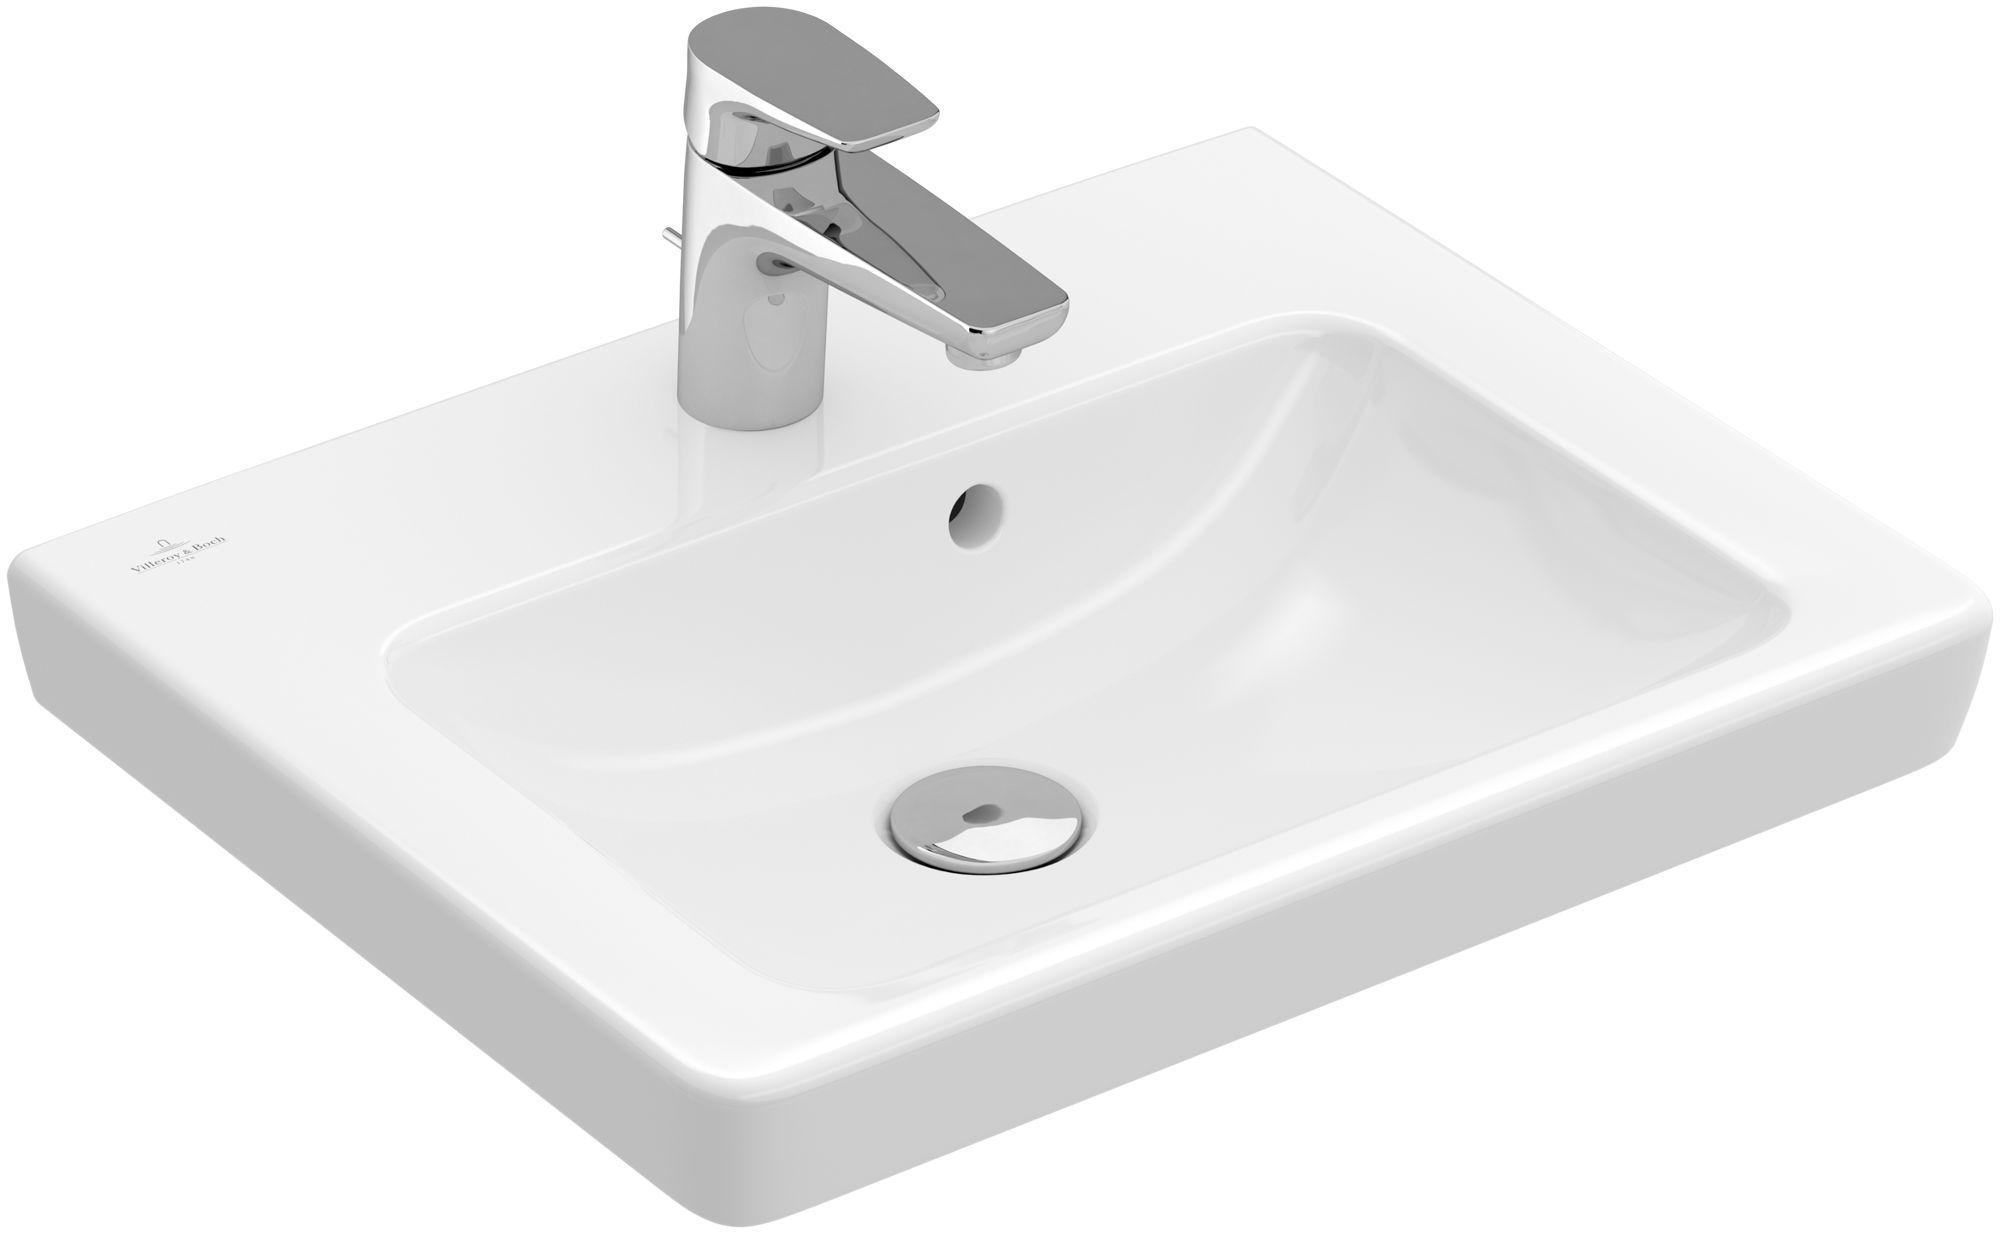 Villeroy & Boch Subway 2.0 Handwaschbecken B:50xT:40cm 1 Hahnloch mit Überlauf weiß 7315F001